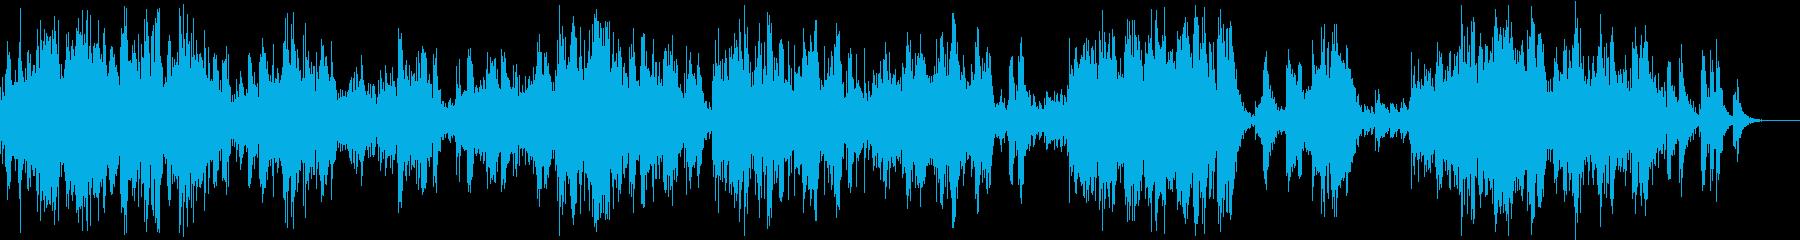 風を感じるようなスティールドラム風の曲の再生済みの波形